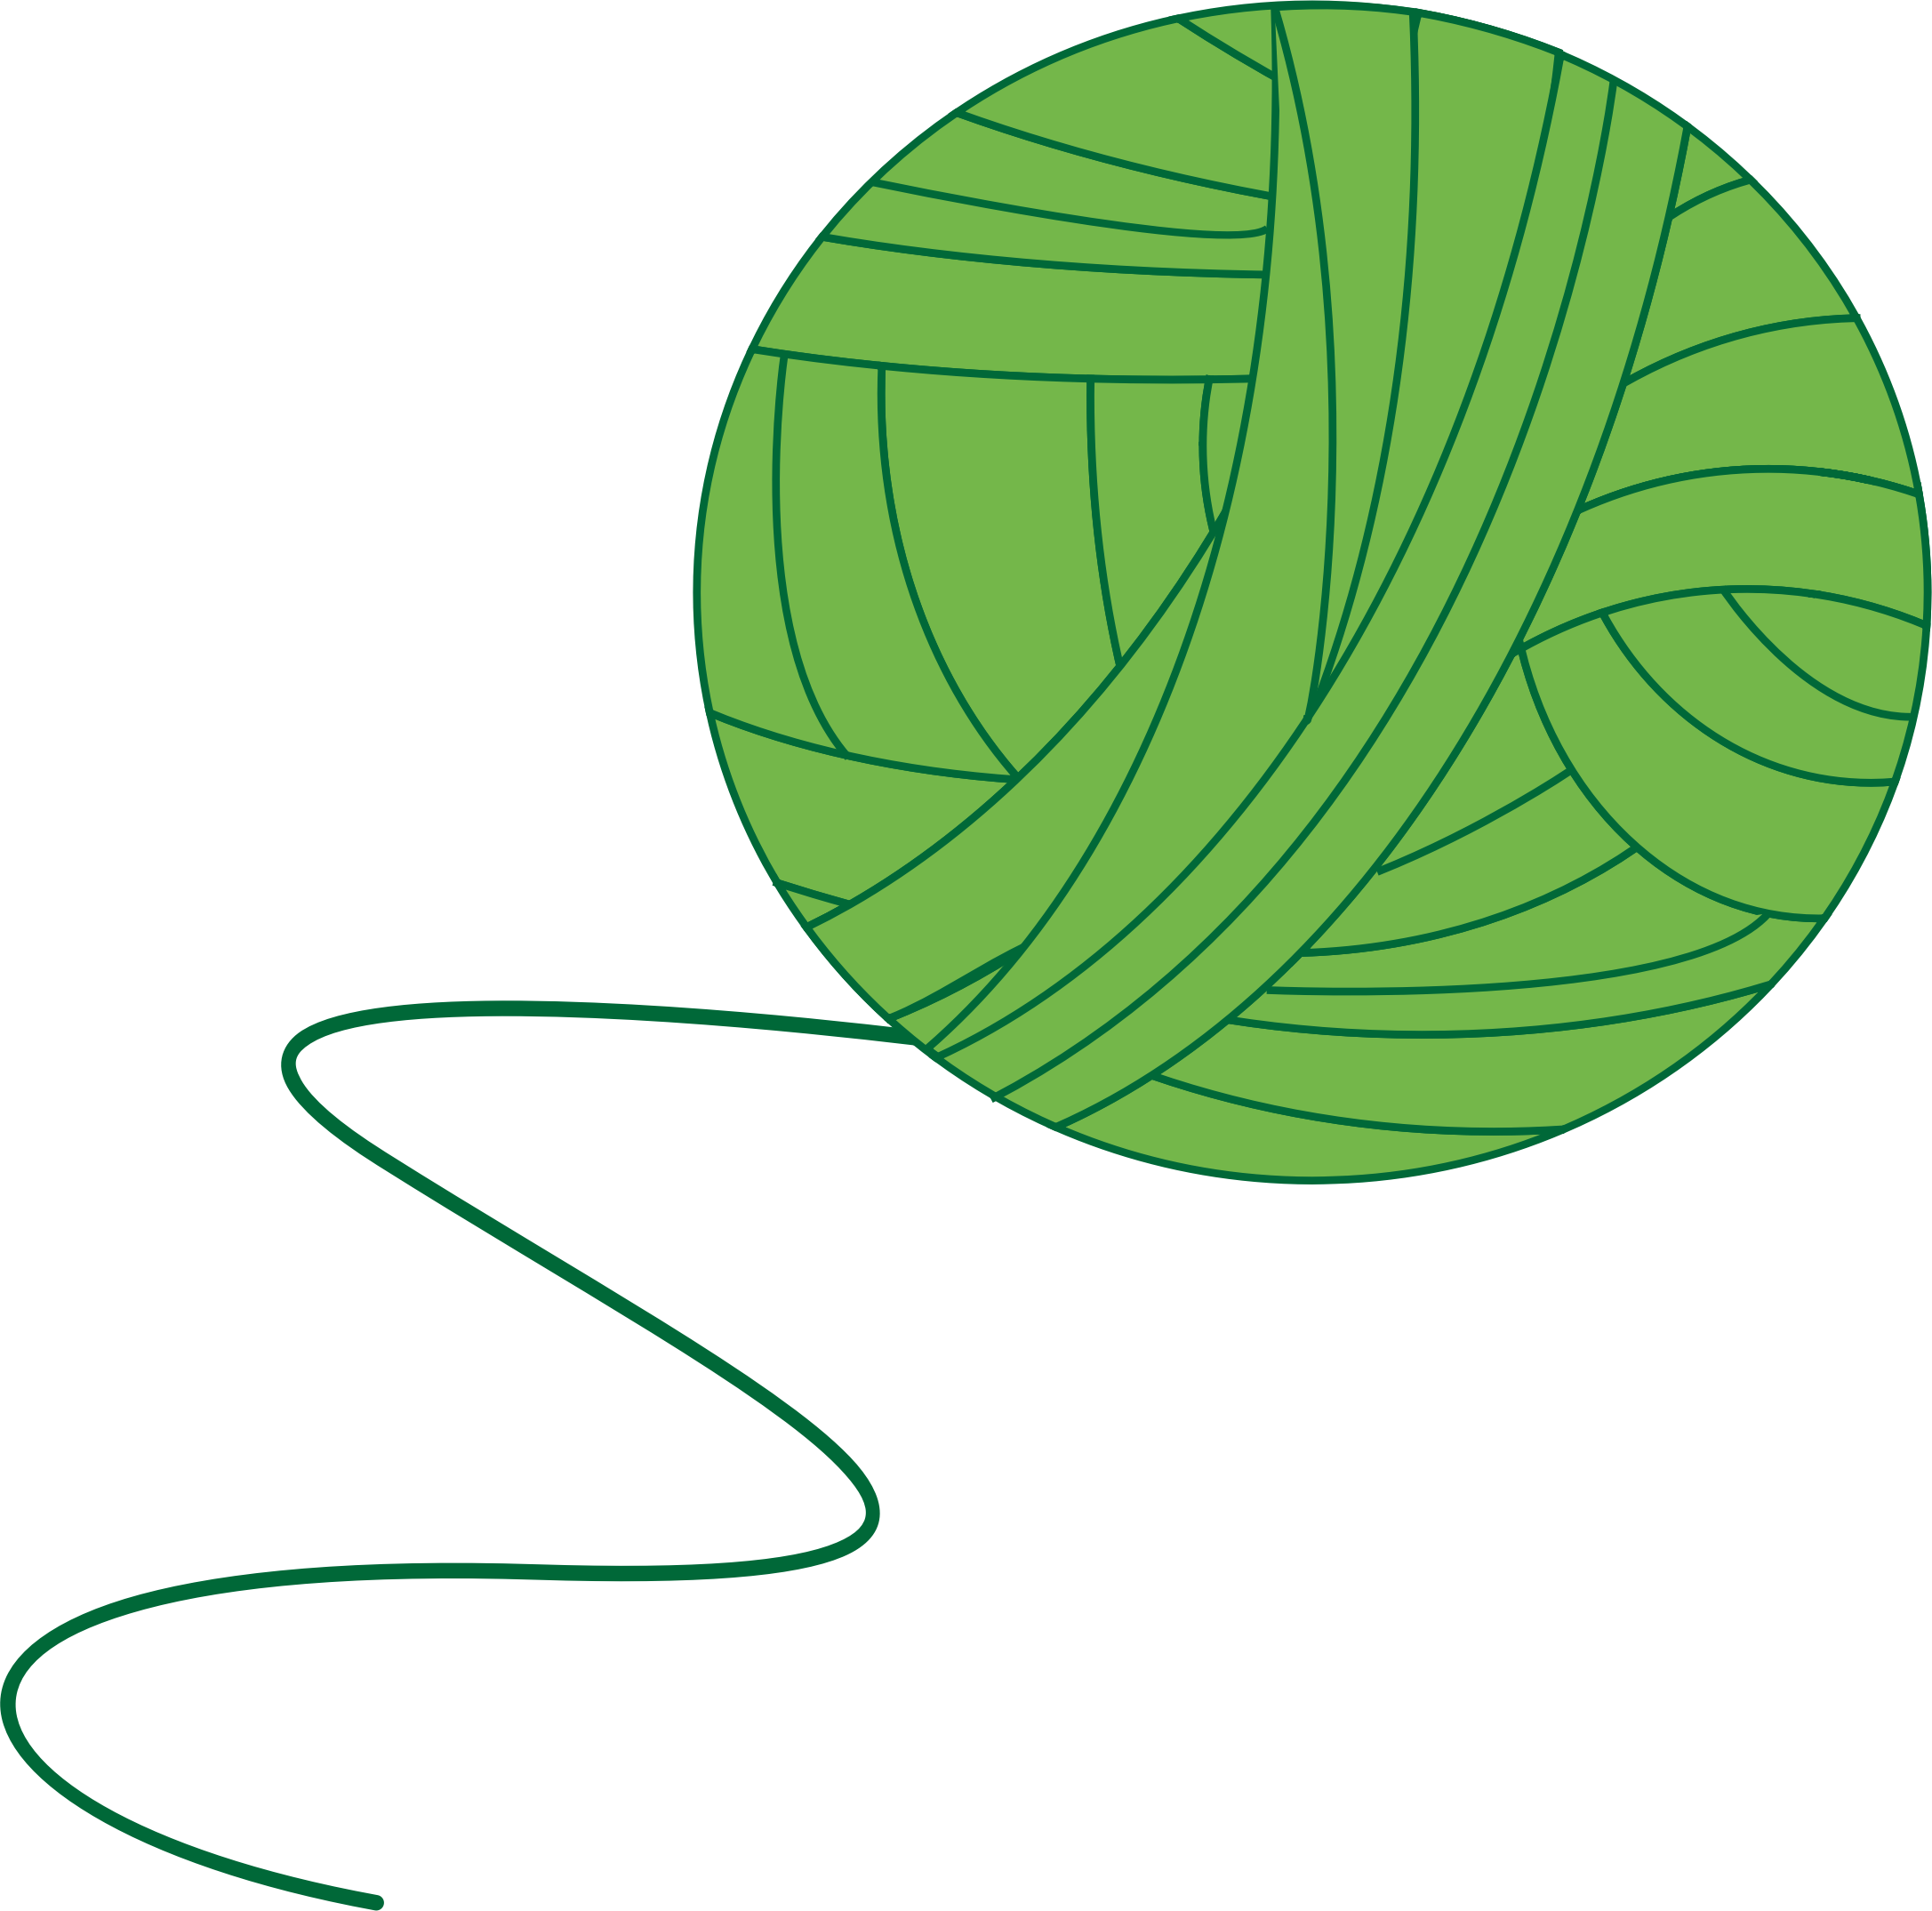 Yarn Clipart 5 Id-71099-yarn clipart 5 id-71099-14